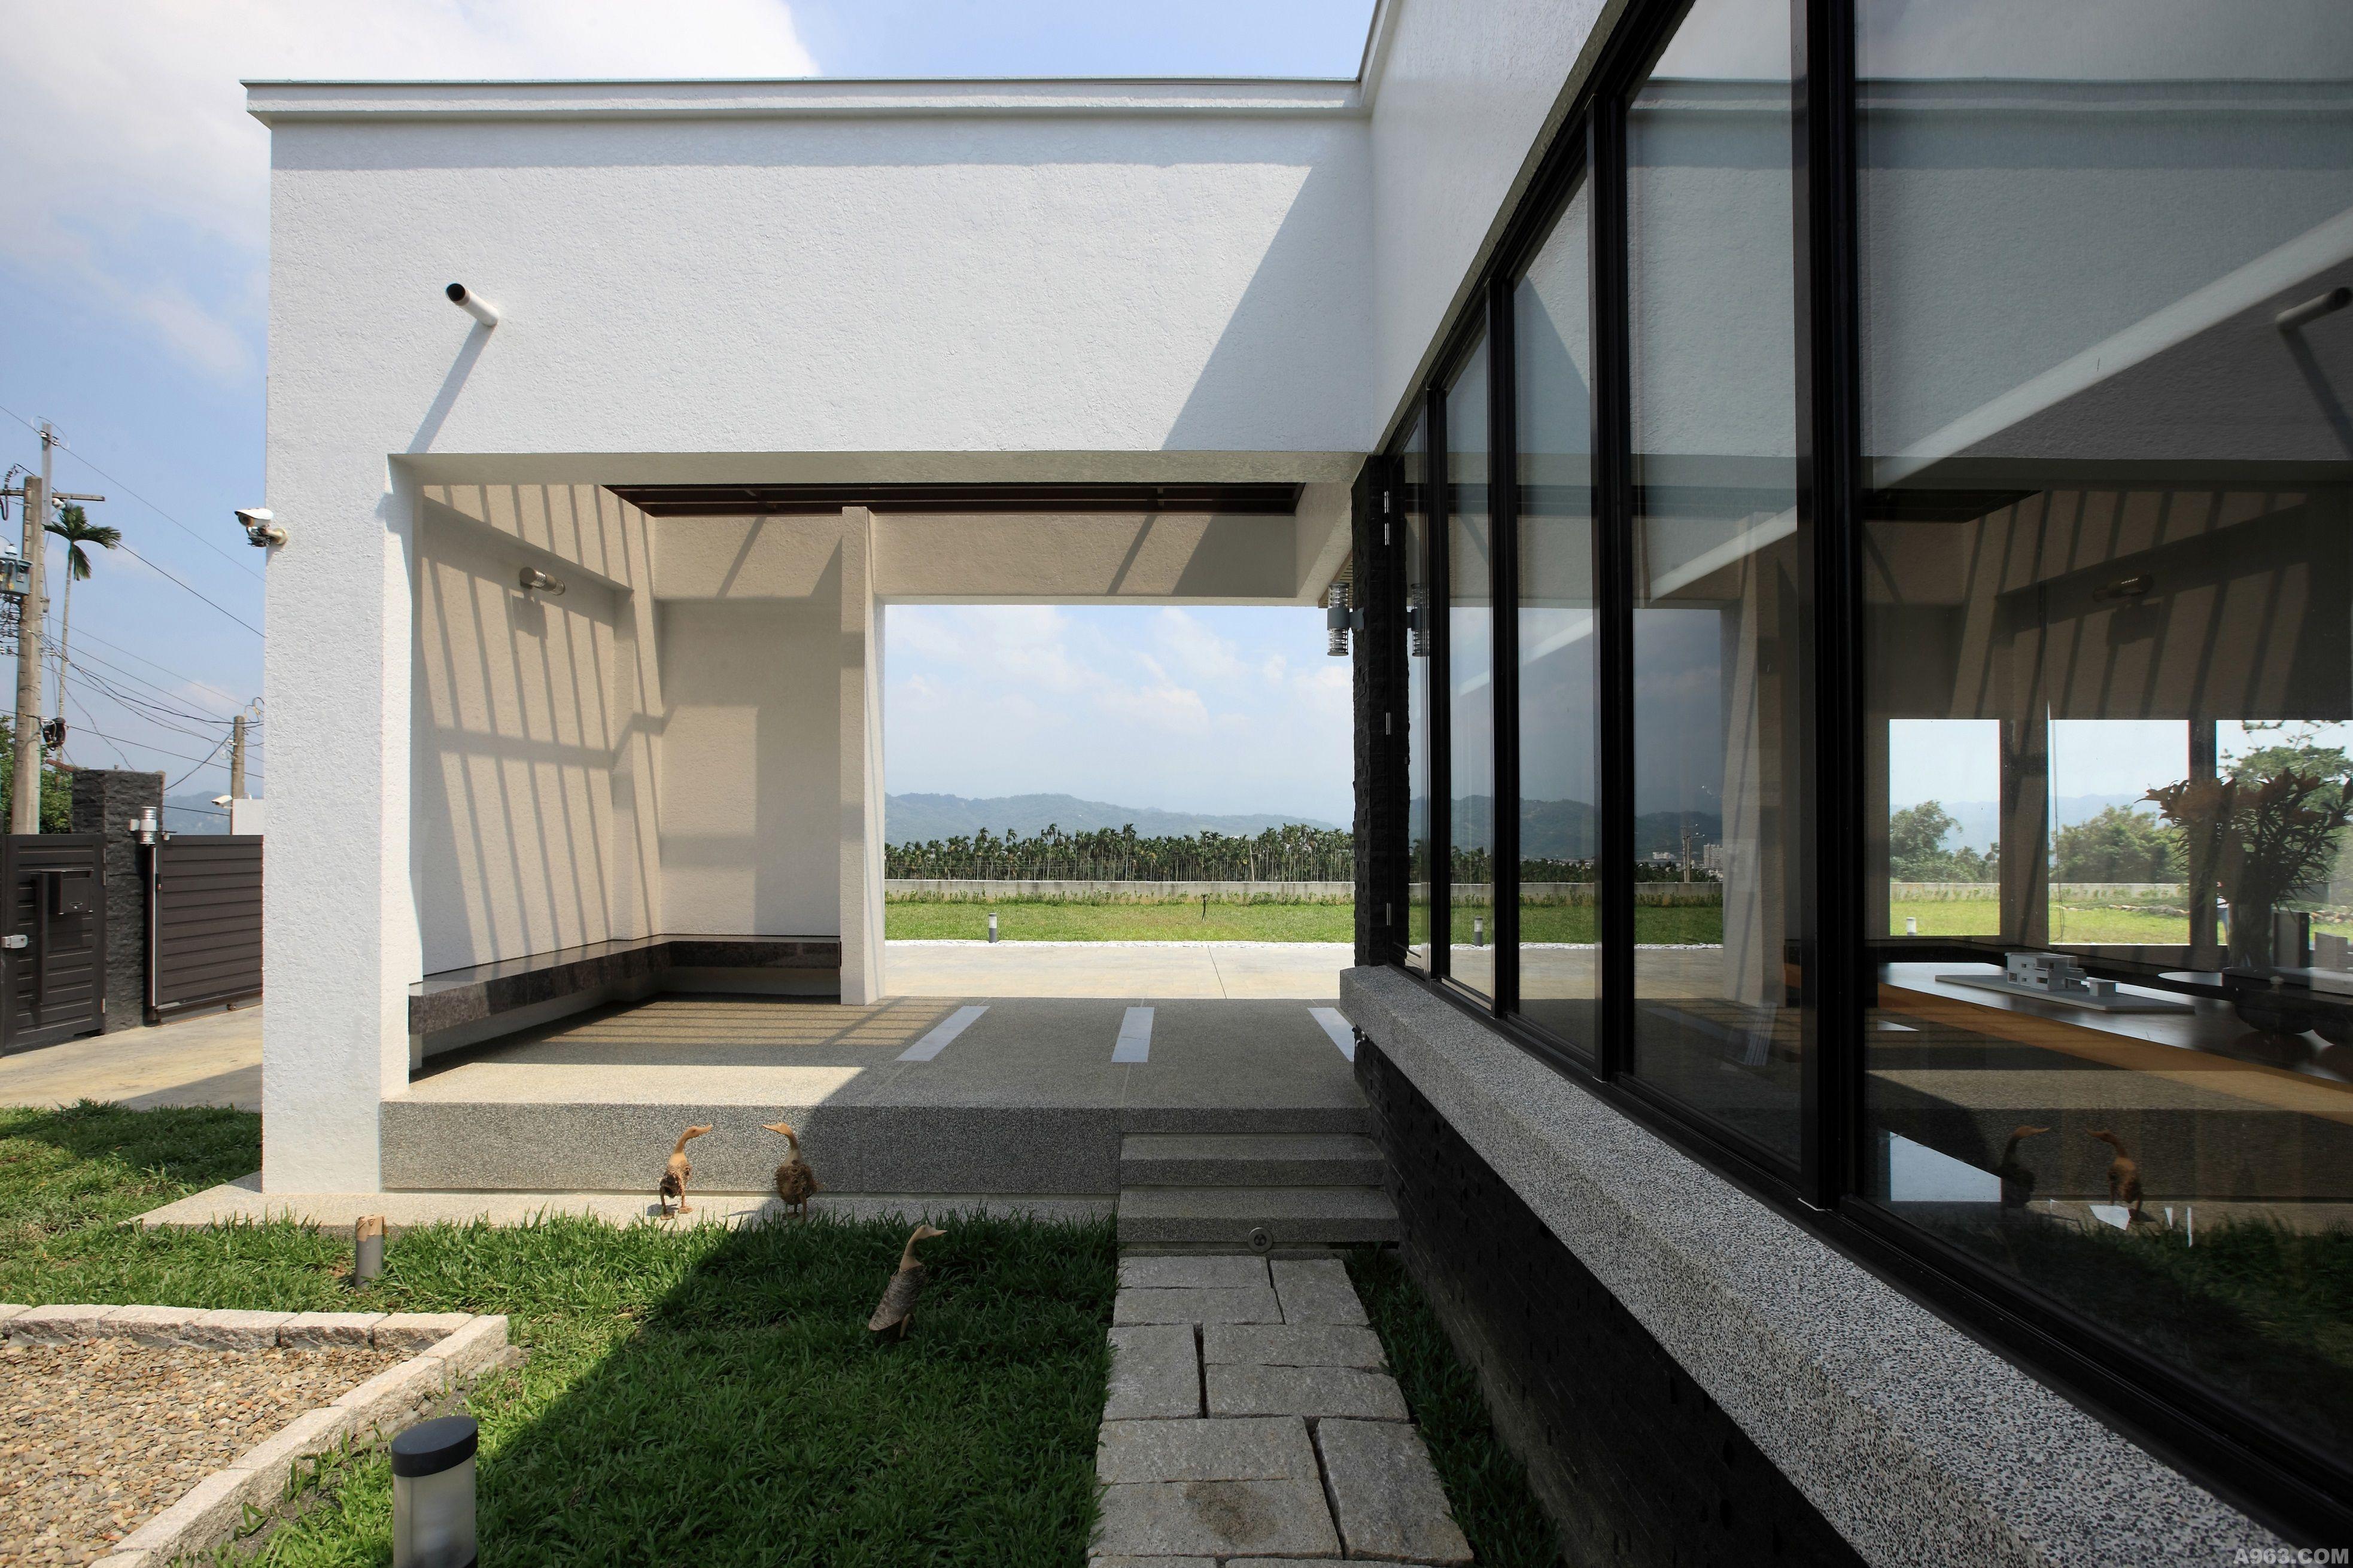 5米长的户外雨庇及左侧12米长钢结构车库顶棚形成一水平长向白色建筑